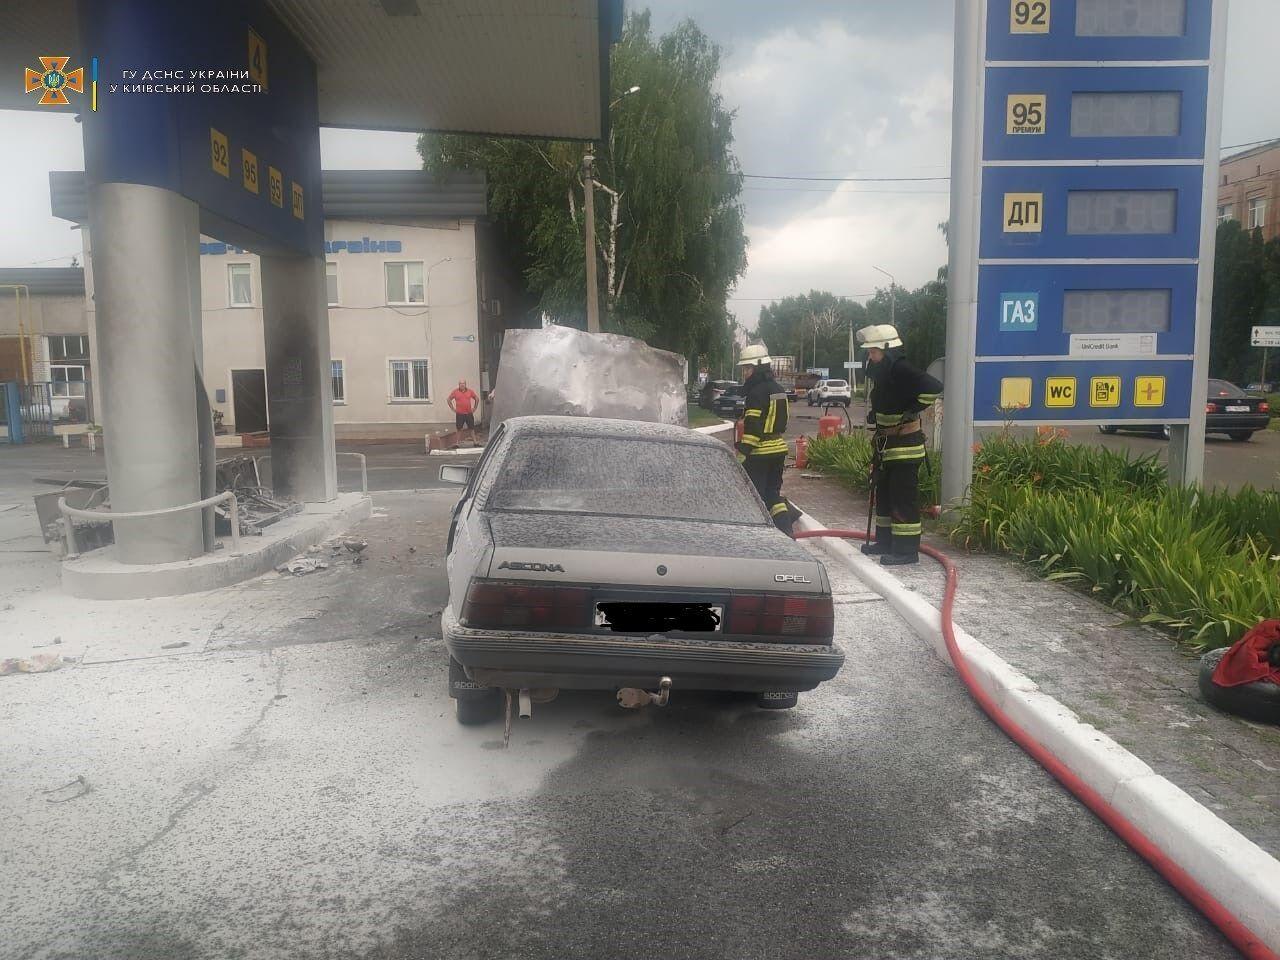 В результате аварии автомобиль загорелся.